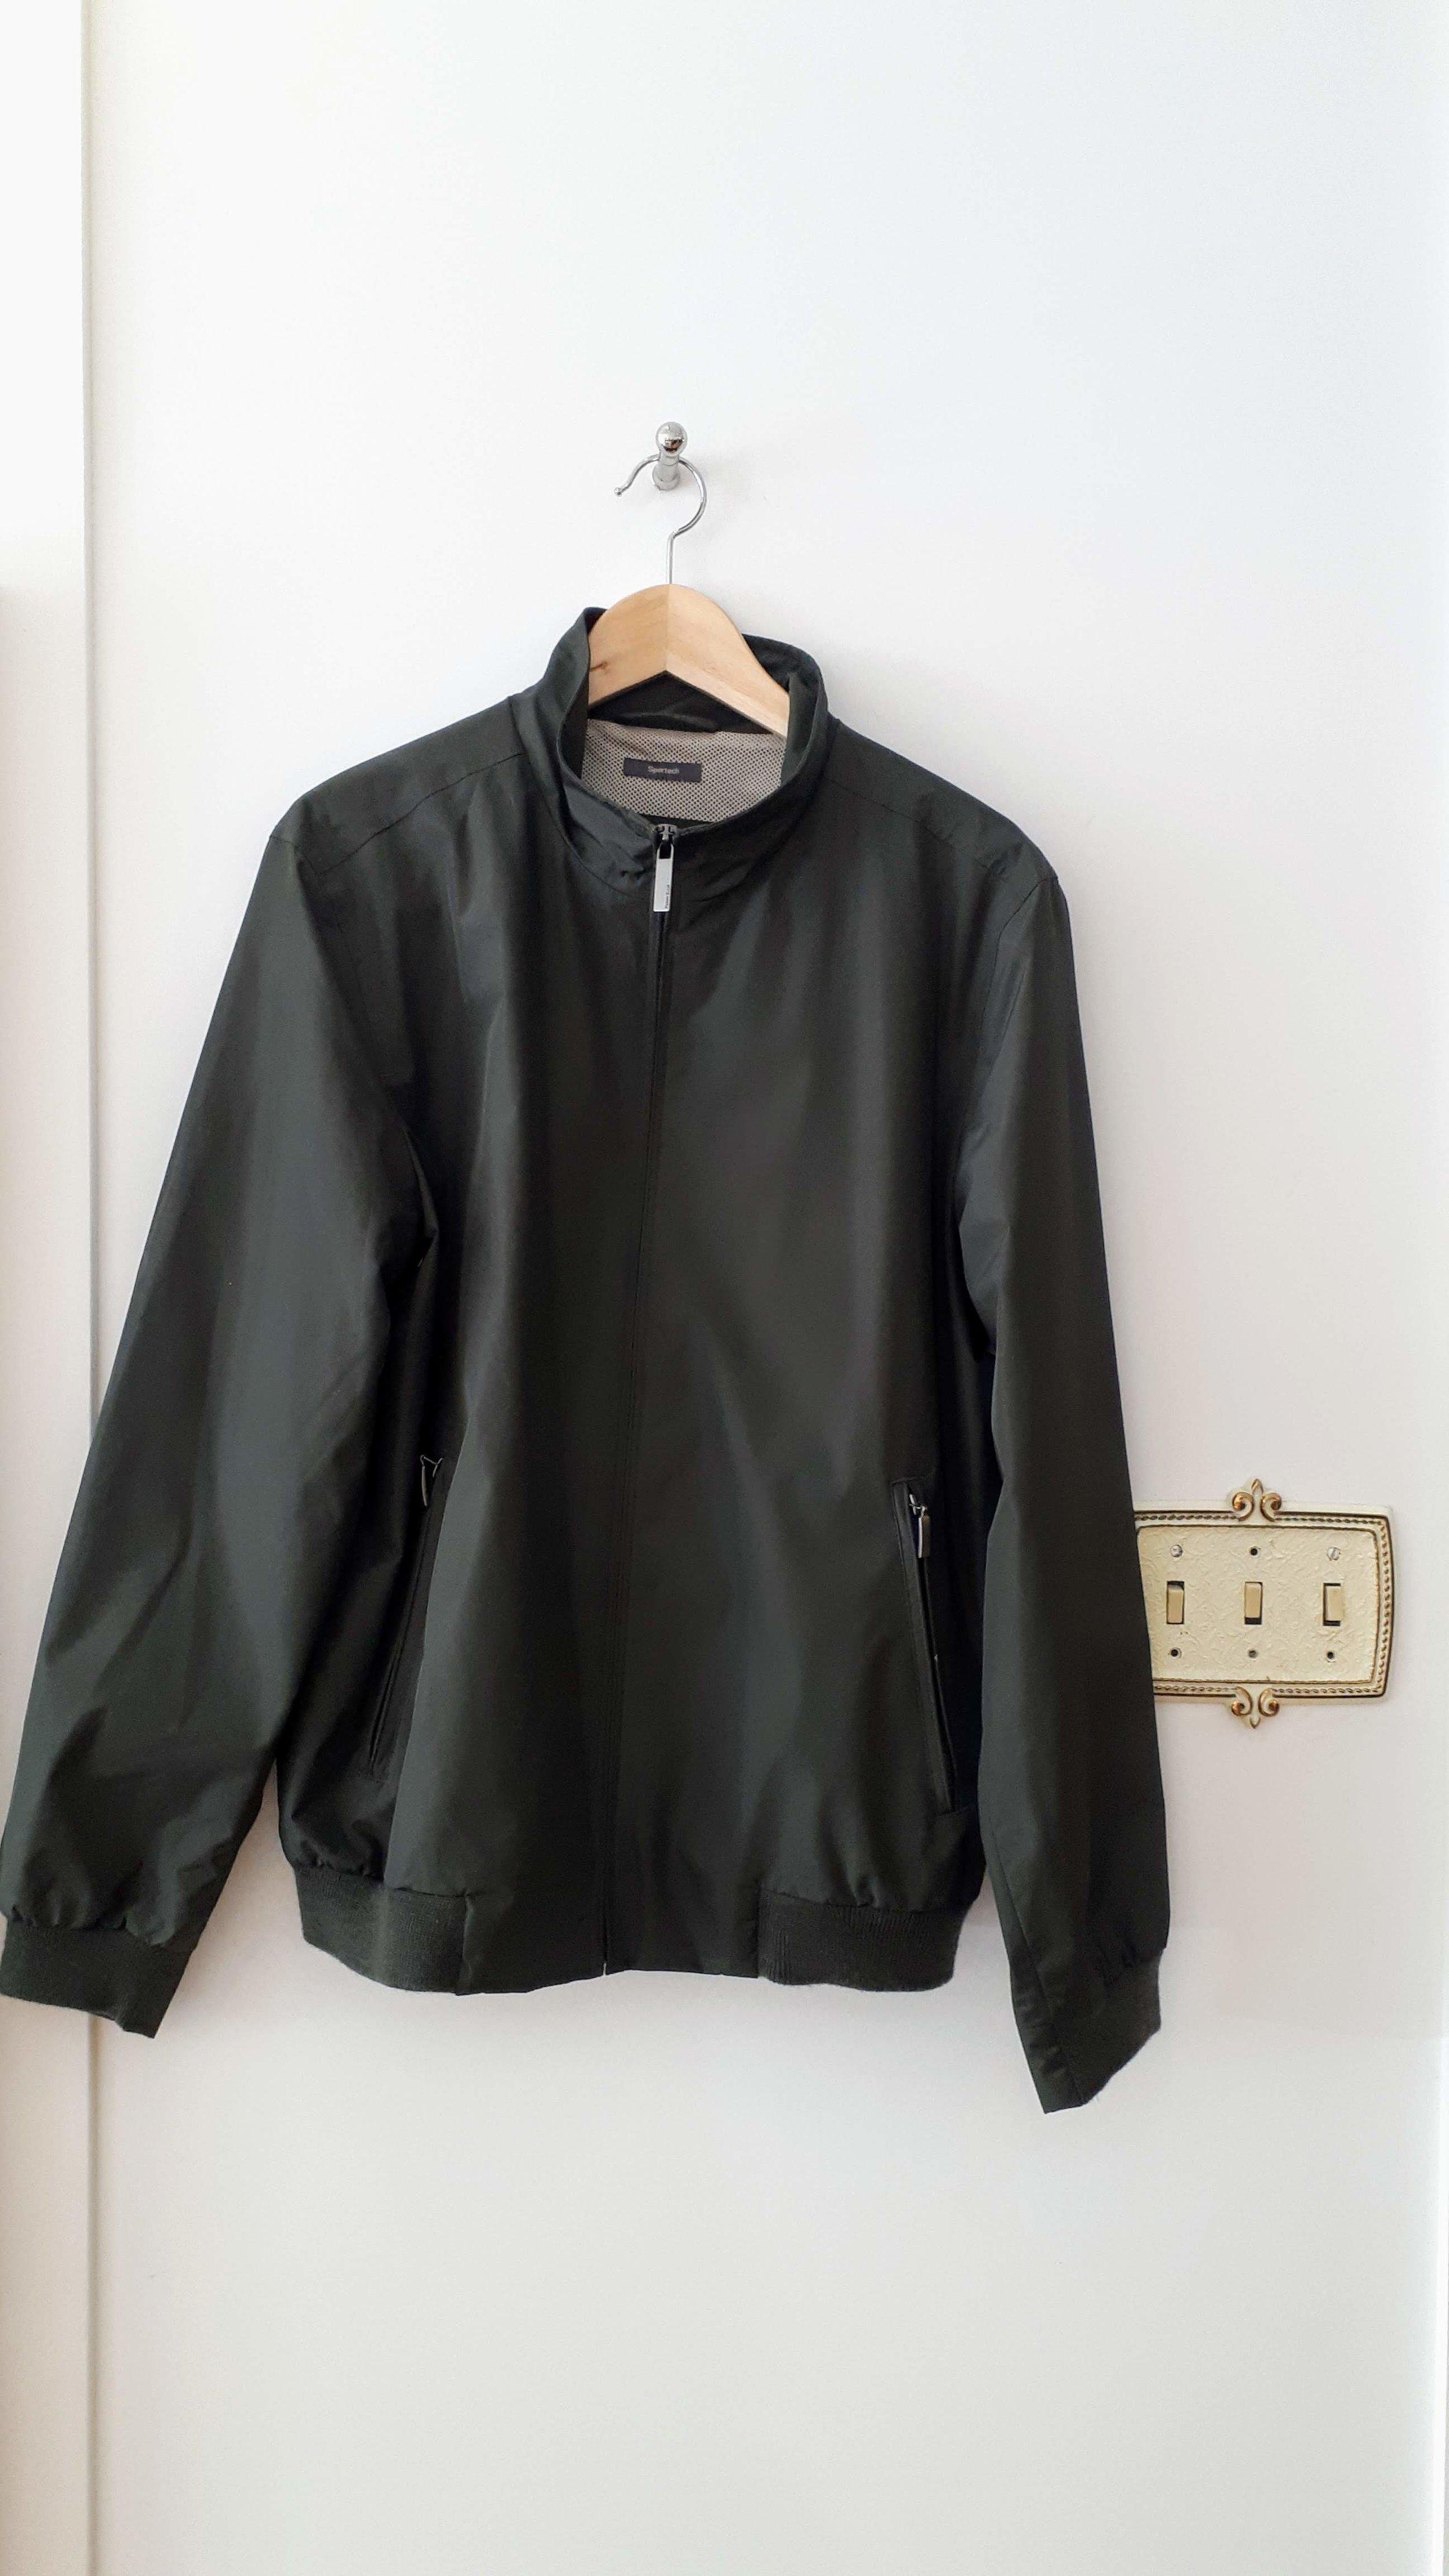 Perry Ellis jacket; Size M, $48